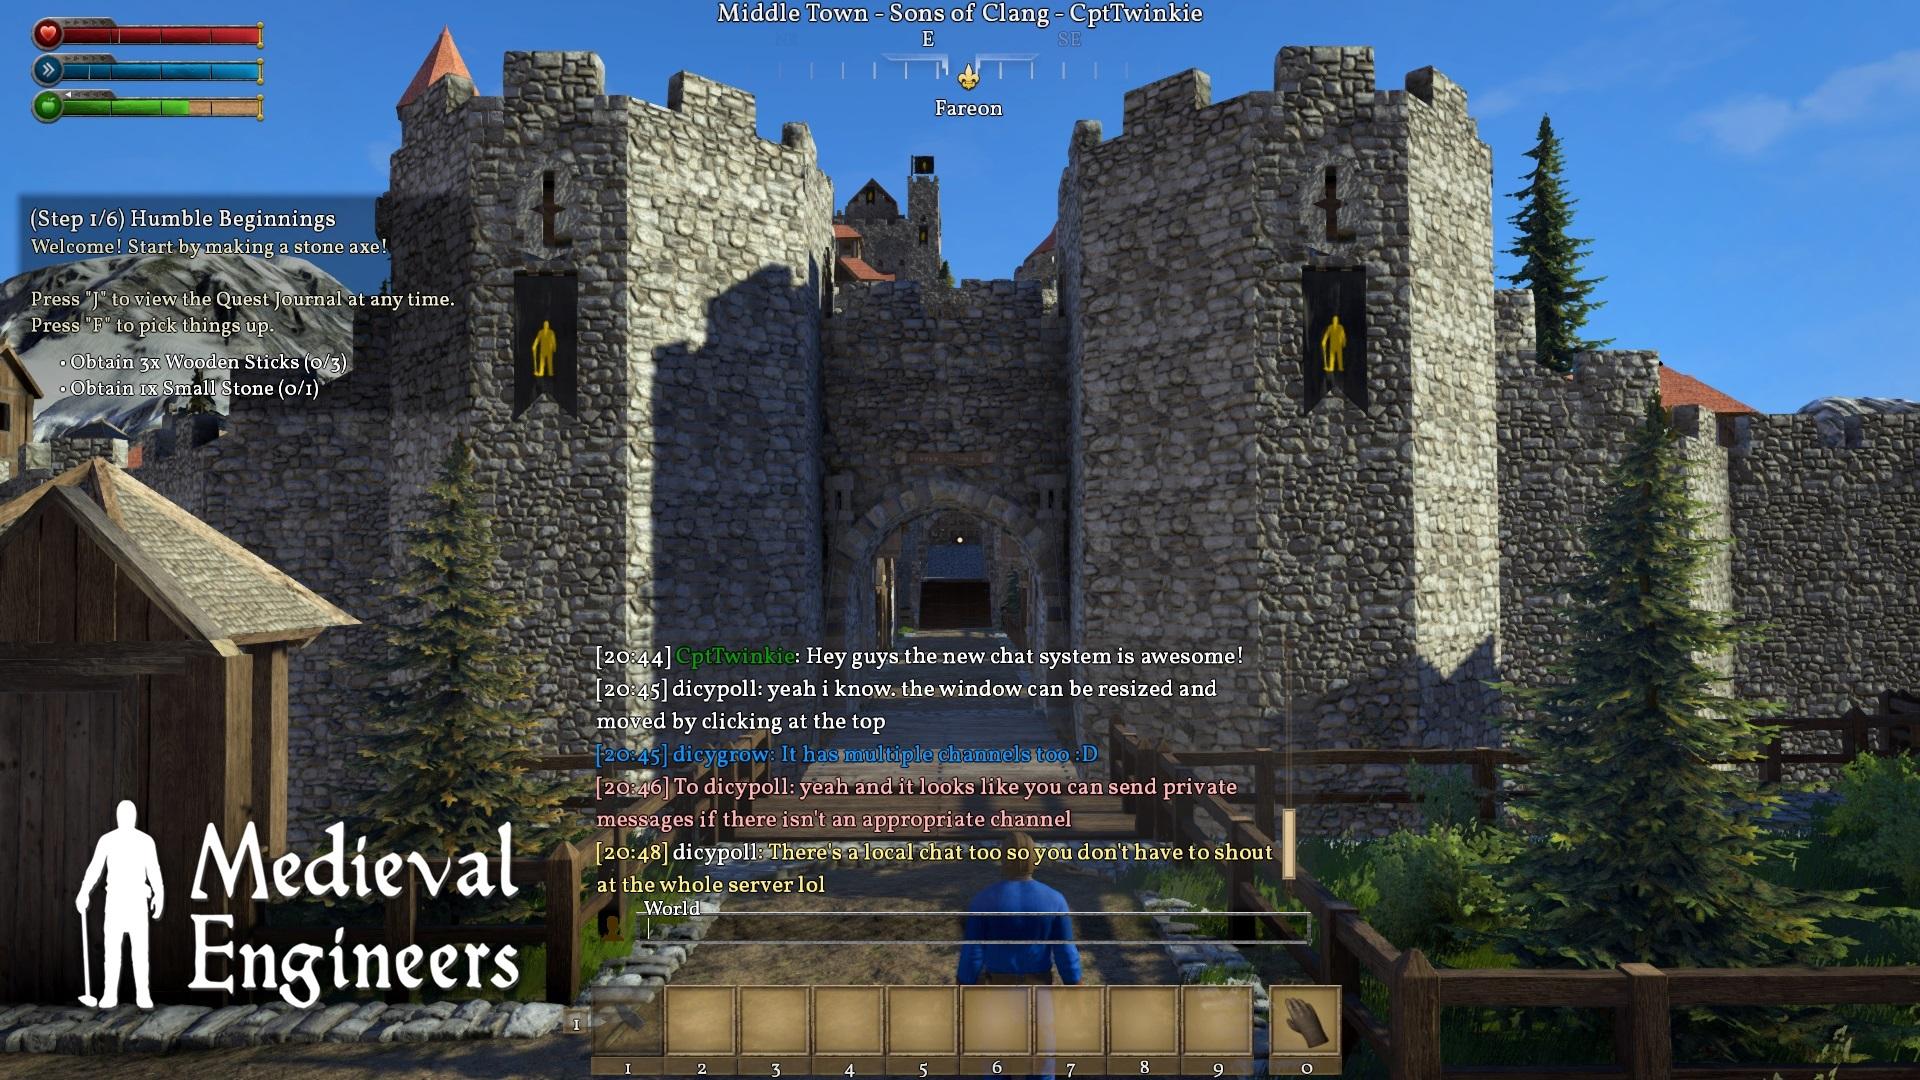 Medieval Engineers :: Coming soon in Medieval Engineers